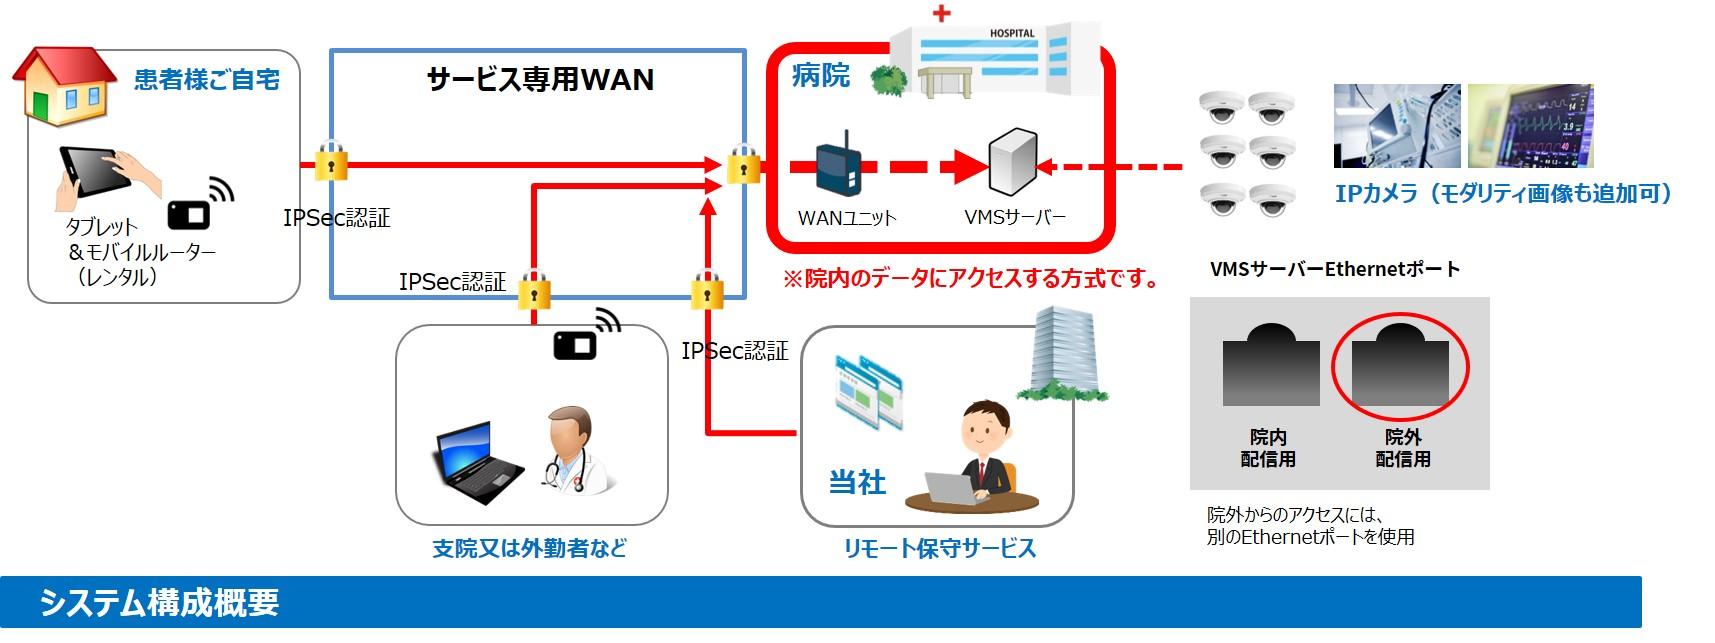 院外からのコミュニケーションイメージ(SD-WAN構築)